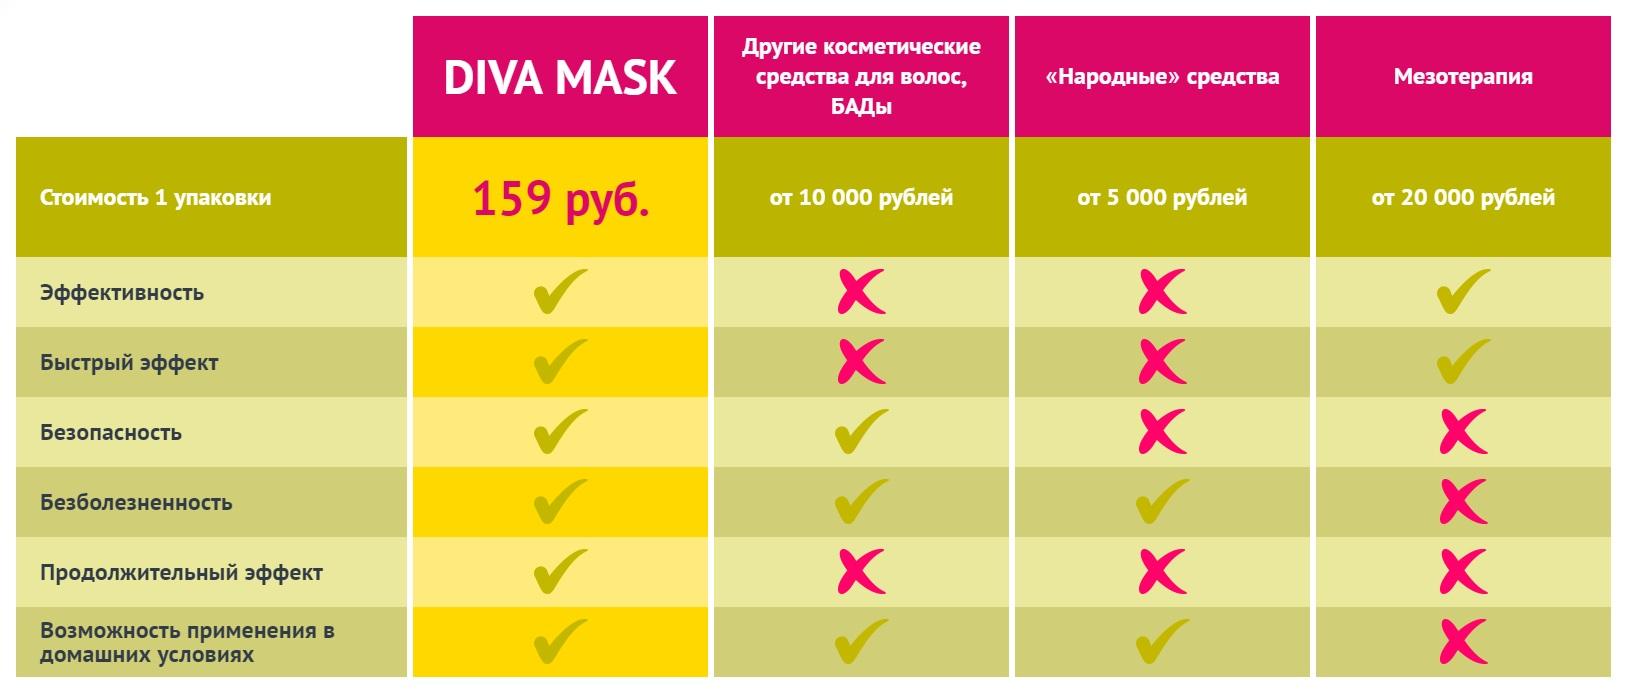 Сравнение маски Diva Mask с аналогами